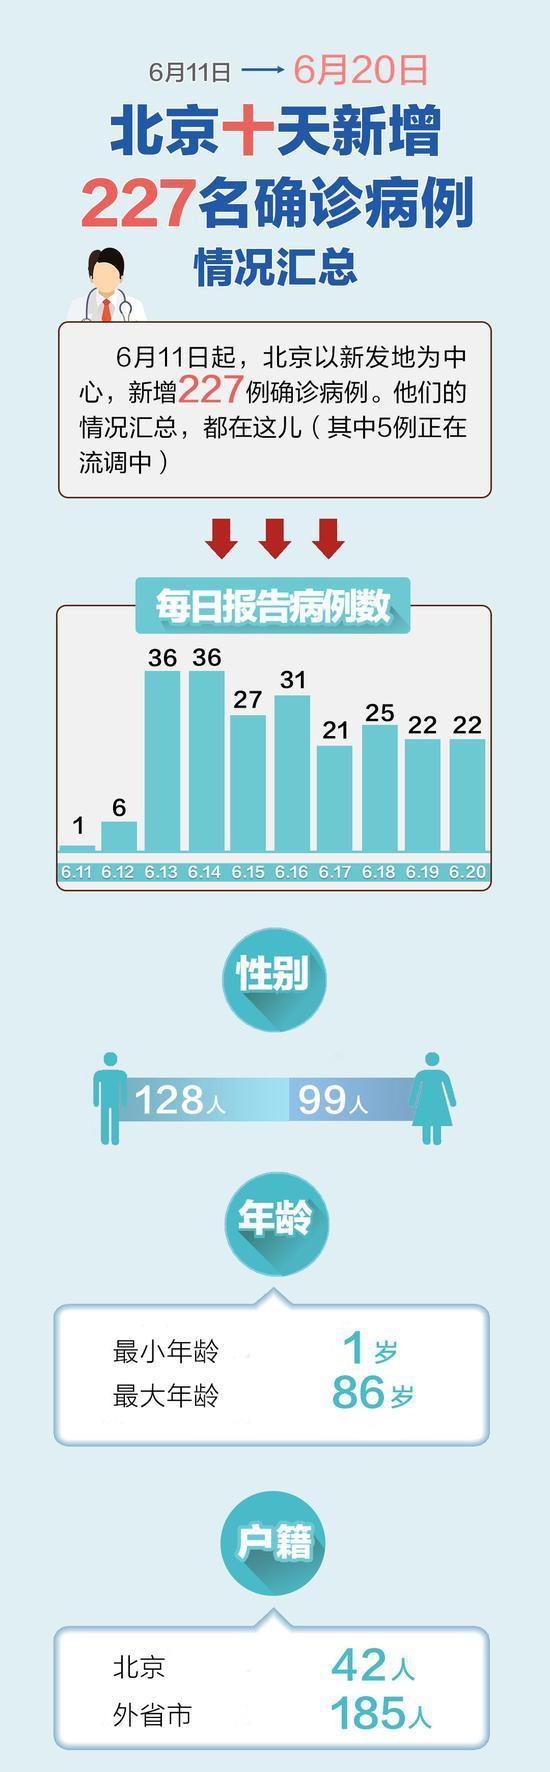 一图尽览:北京227名确诊病例工作及居住地区汇总图片